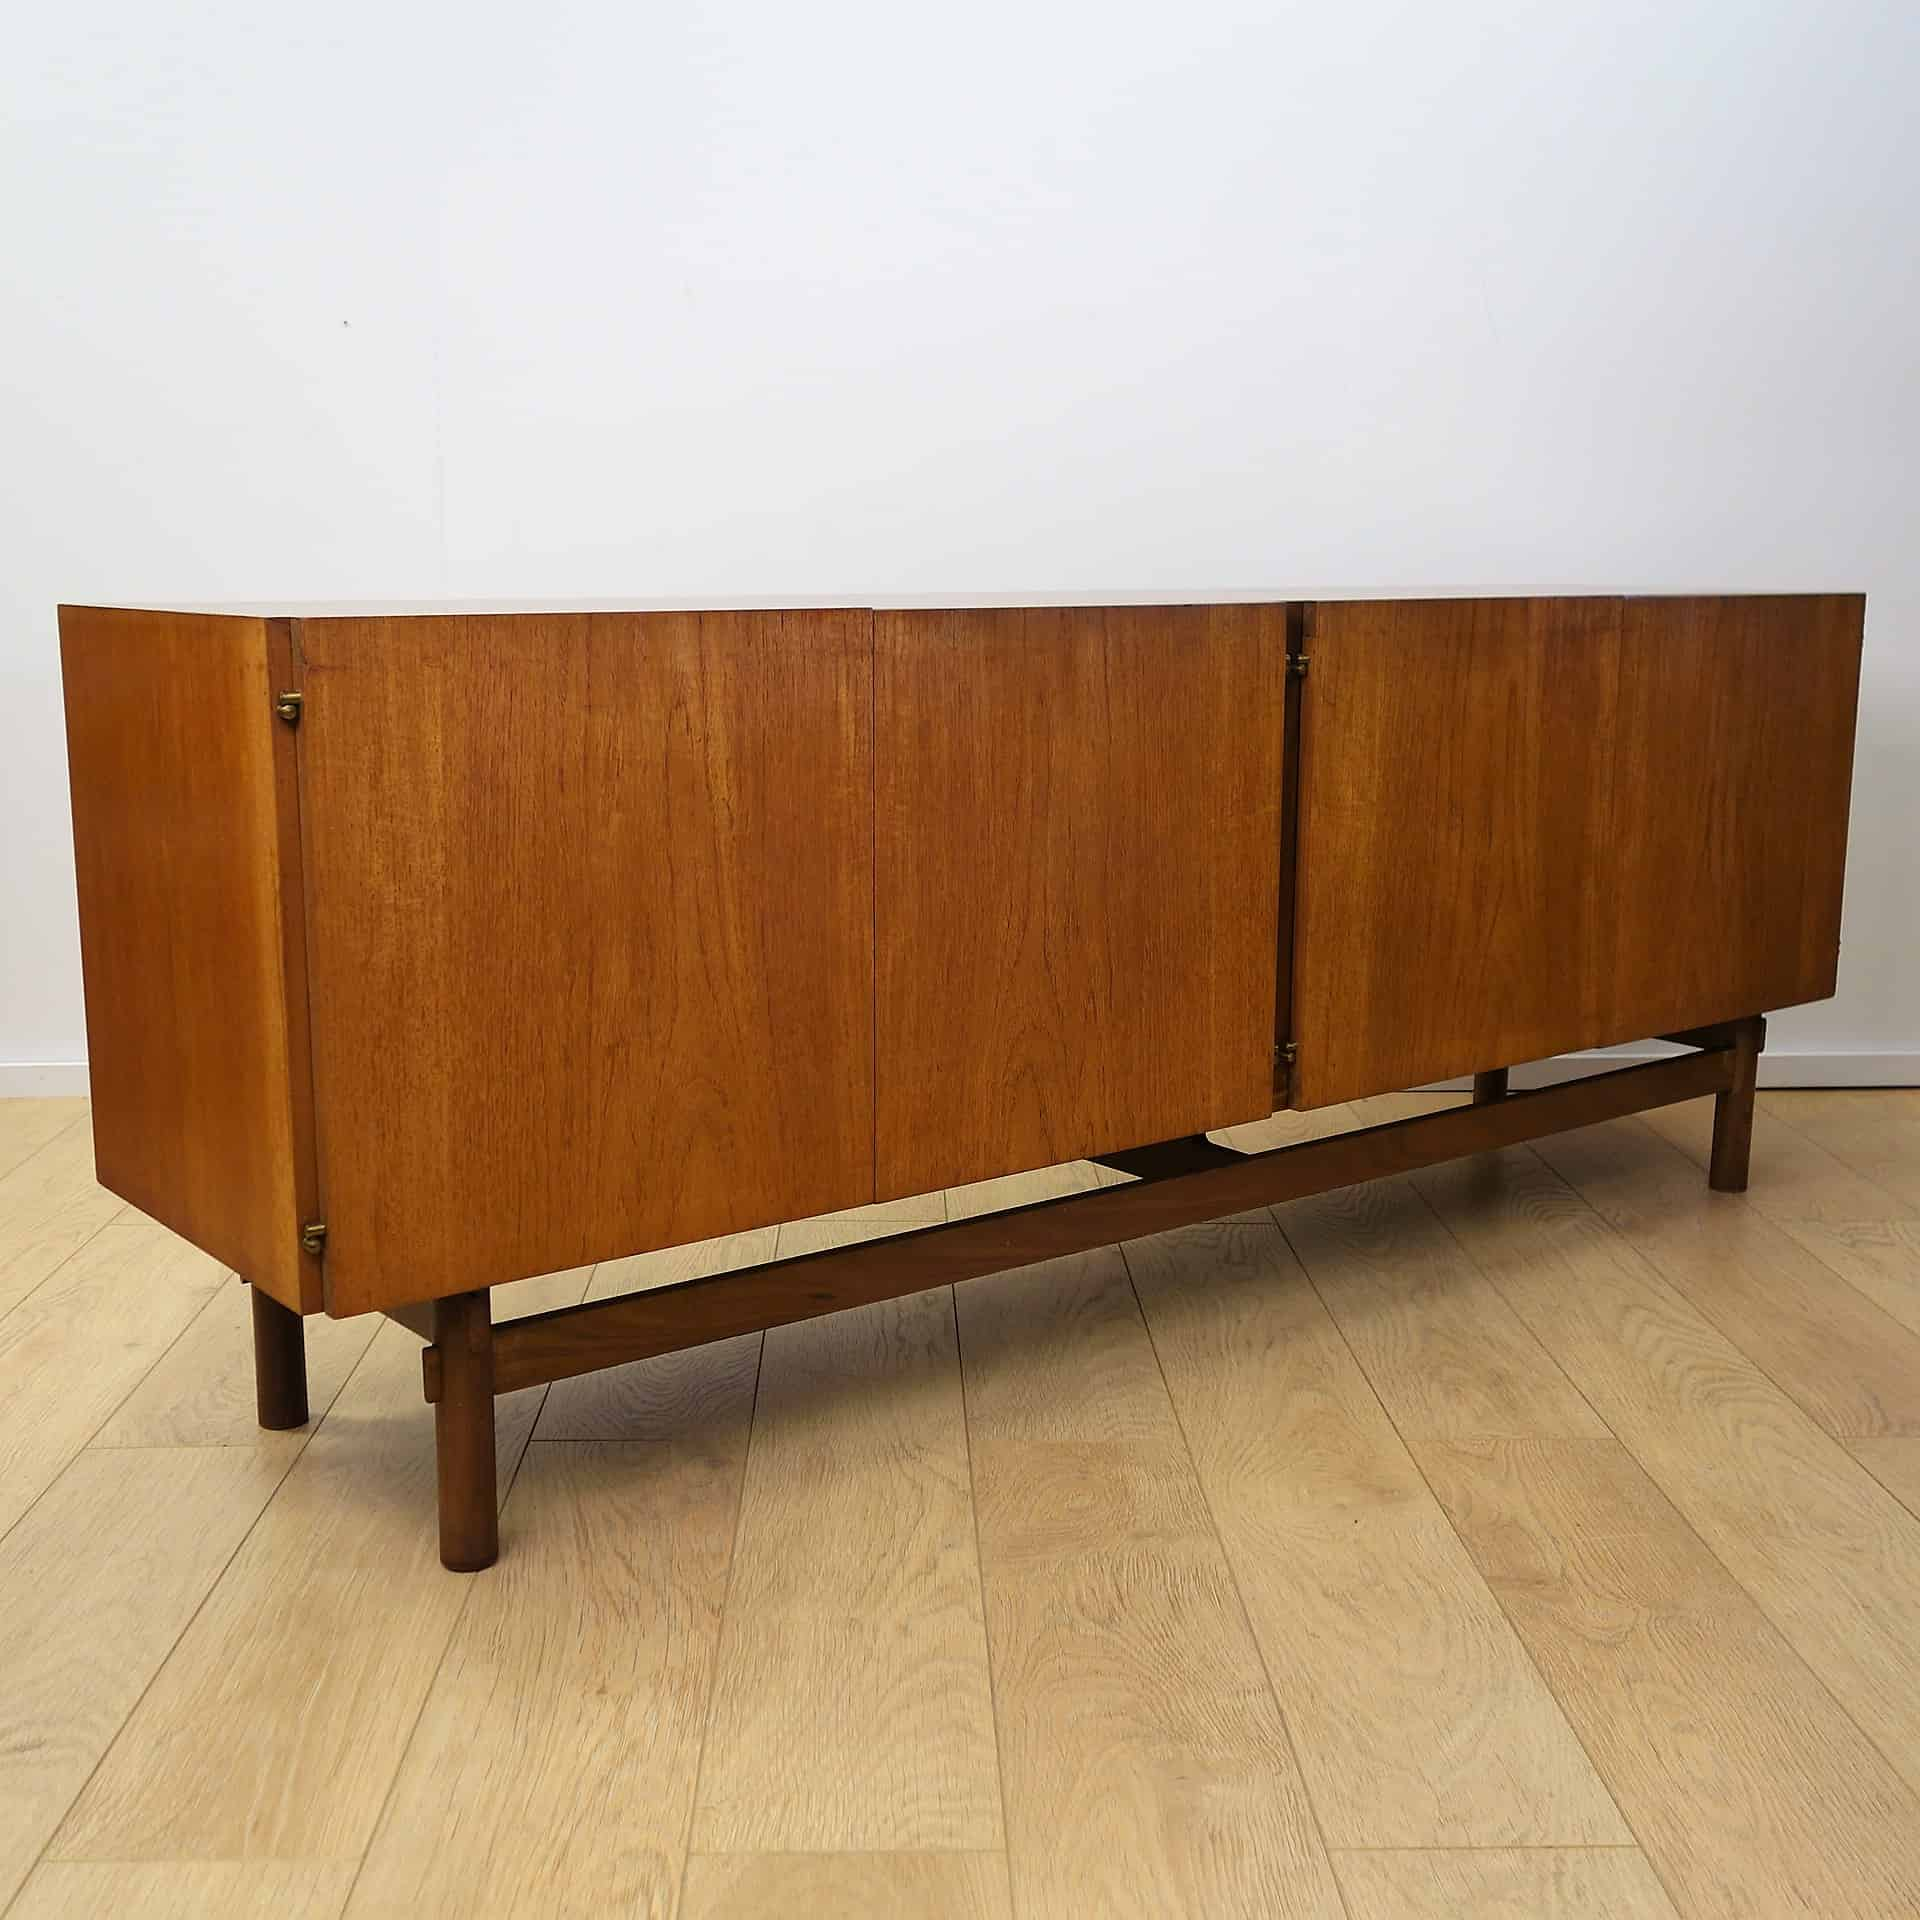 1960s teak sideboard by Vanson